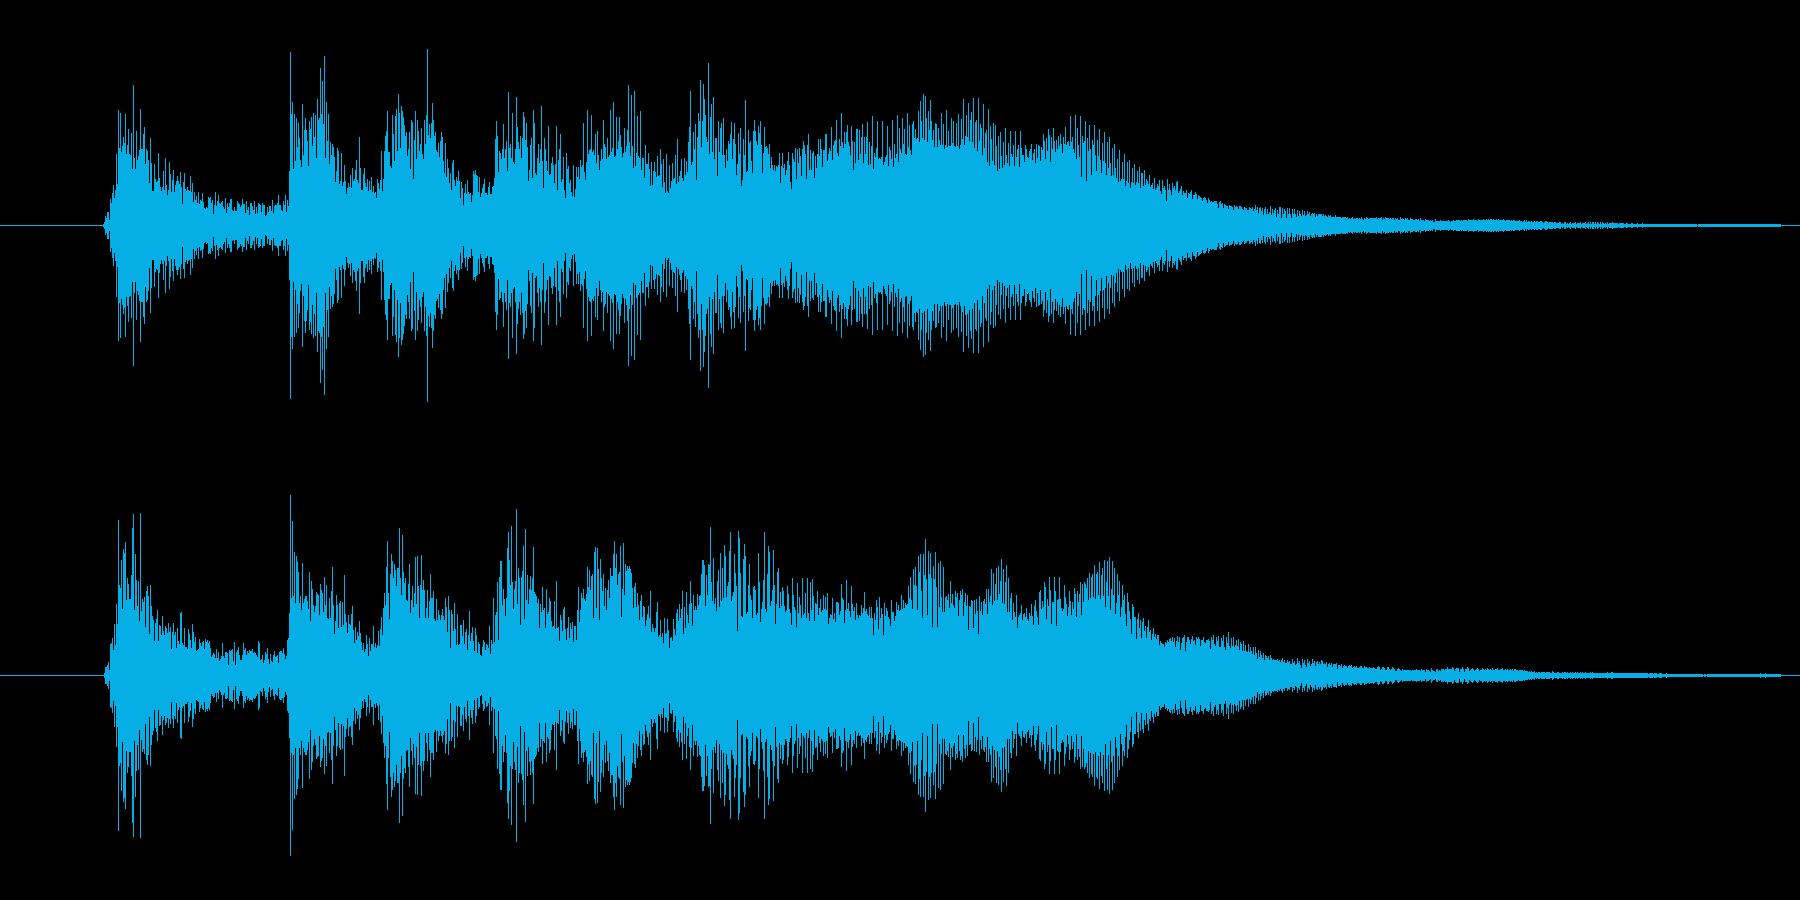 ファンファーレ(パッパパパパパーン)02の再生済みの波形